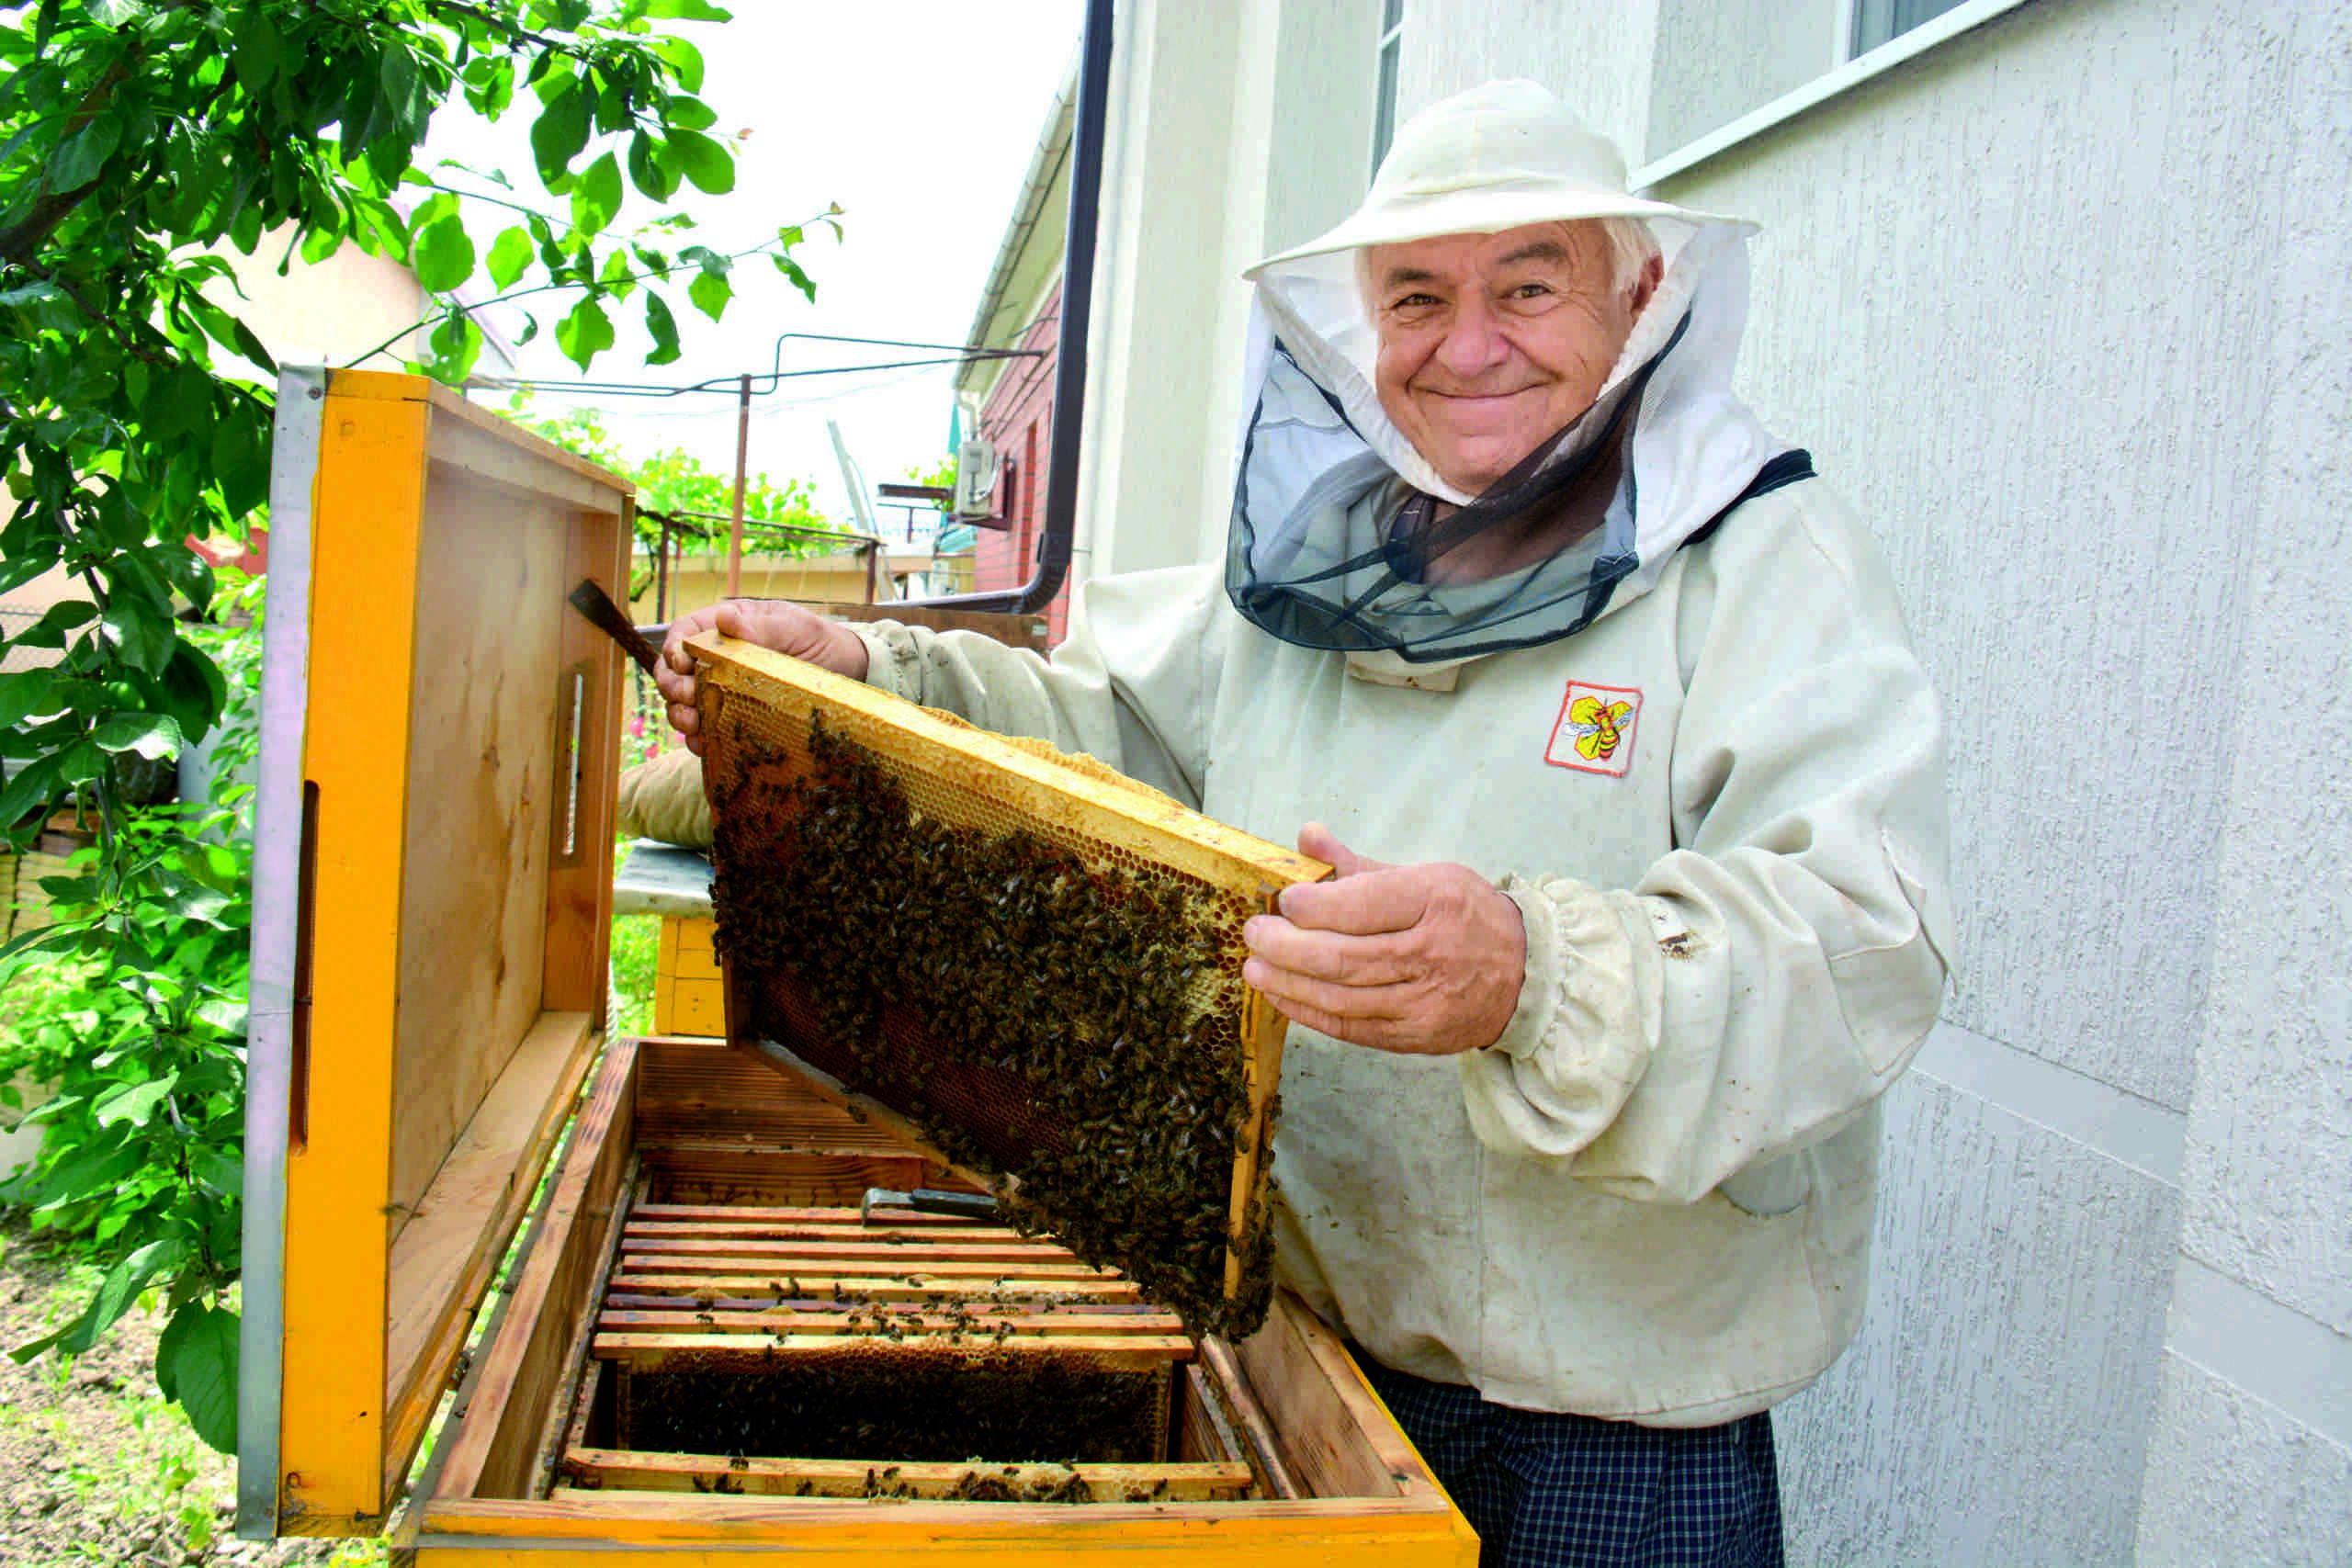 Домашний мед из собственных ульев на участке: пчеловоды Новороссийска рекомендуют